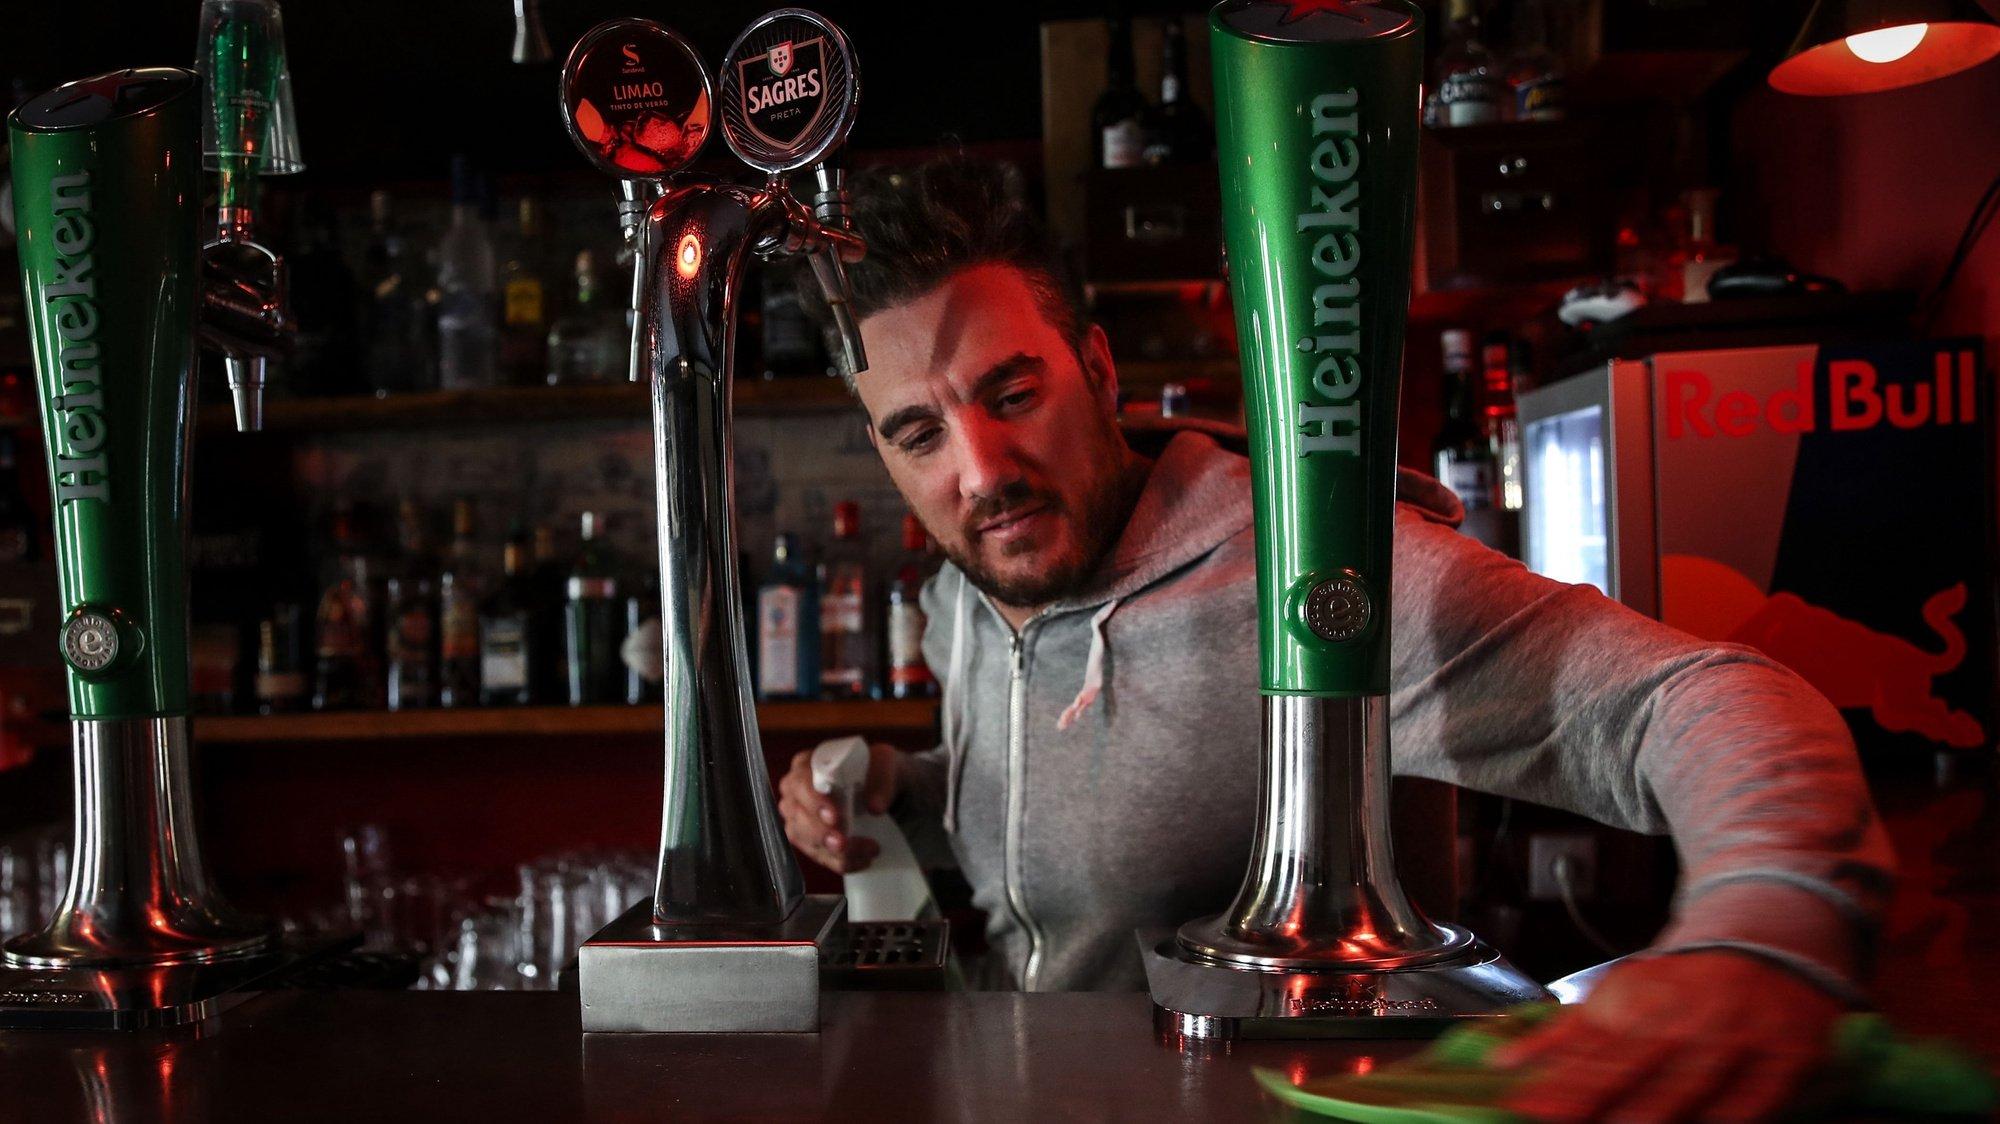 O filho do dono e gerente do bar Boca Doce, Bruno Ferreira, durant uma reportagem no Bairro Alto sobre o fecho dos bares e impacto para os empresários, moradores e comércio local que continuam quase sem clientes na sequência da pandemia da covid-19, em Lisboa, 19 de junho de 2020. (ACOMPANHA TEXTO DE 20 DE JUNHO DE 2020). MANUEL DE ALMEIDA/LUSA